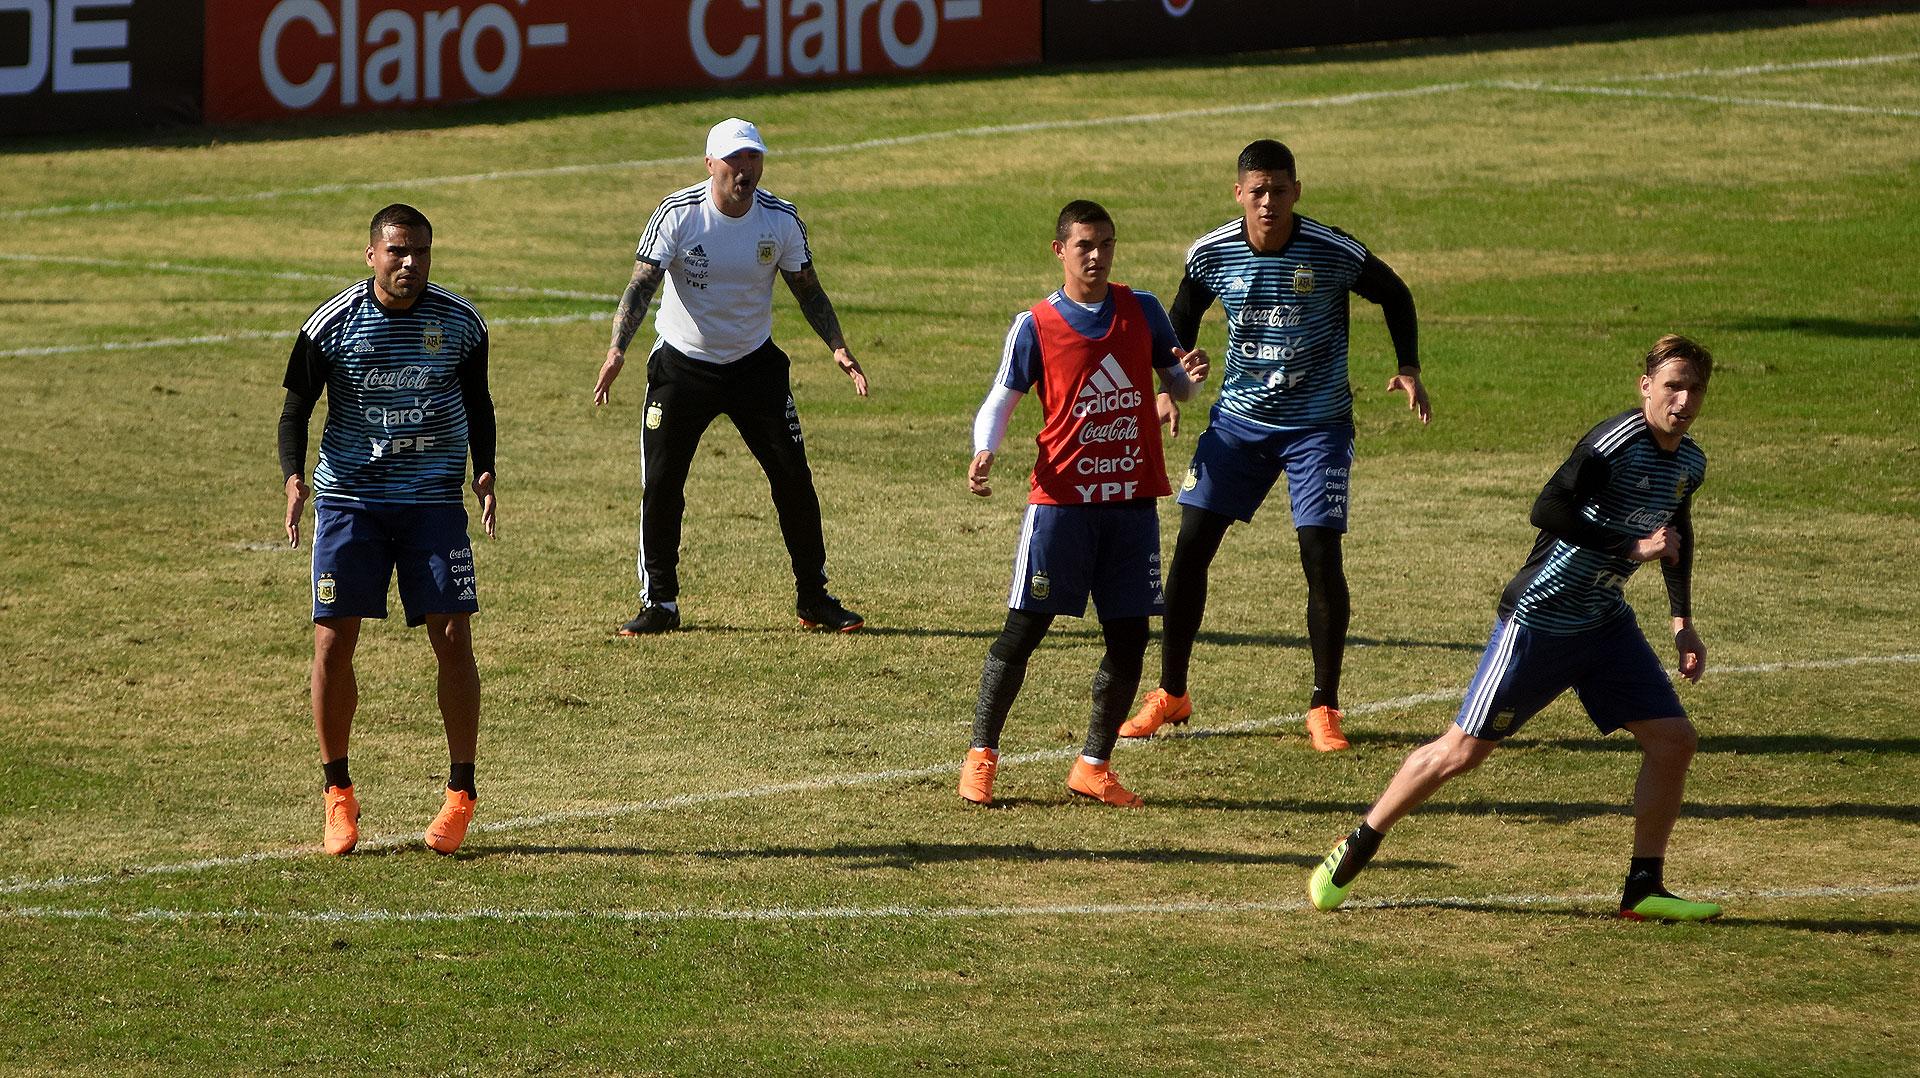 Jorge Sampaoli se mostró muy activo en la última parte del entrenamiento. En la imagen queda evidenciado el triángulo defensivo conformado por Mercado, Rojo y Biglia